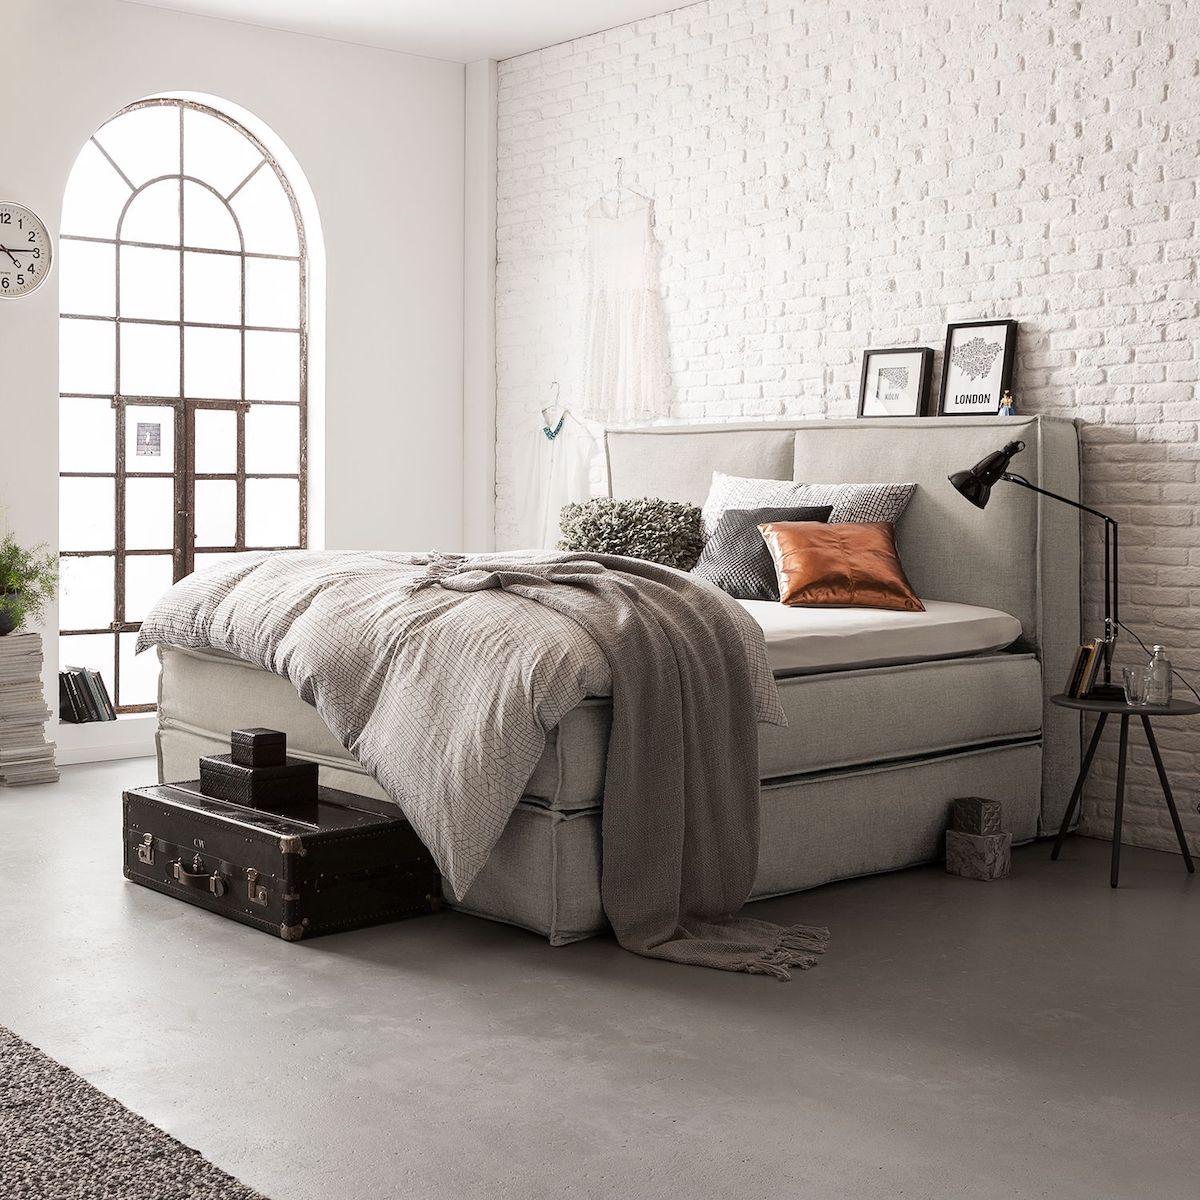 lit boxspring beige suite parentale mur en briques blanches fenêtre métallique noir